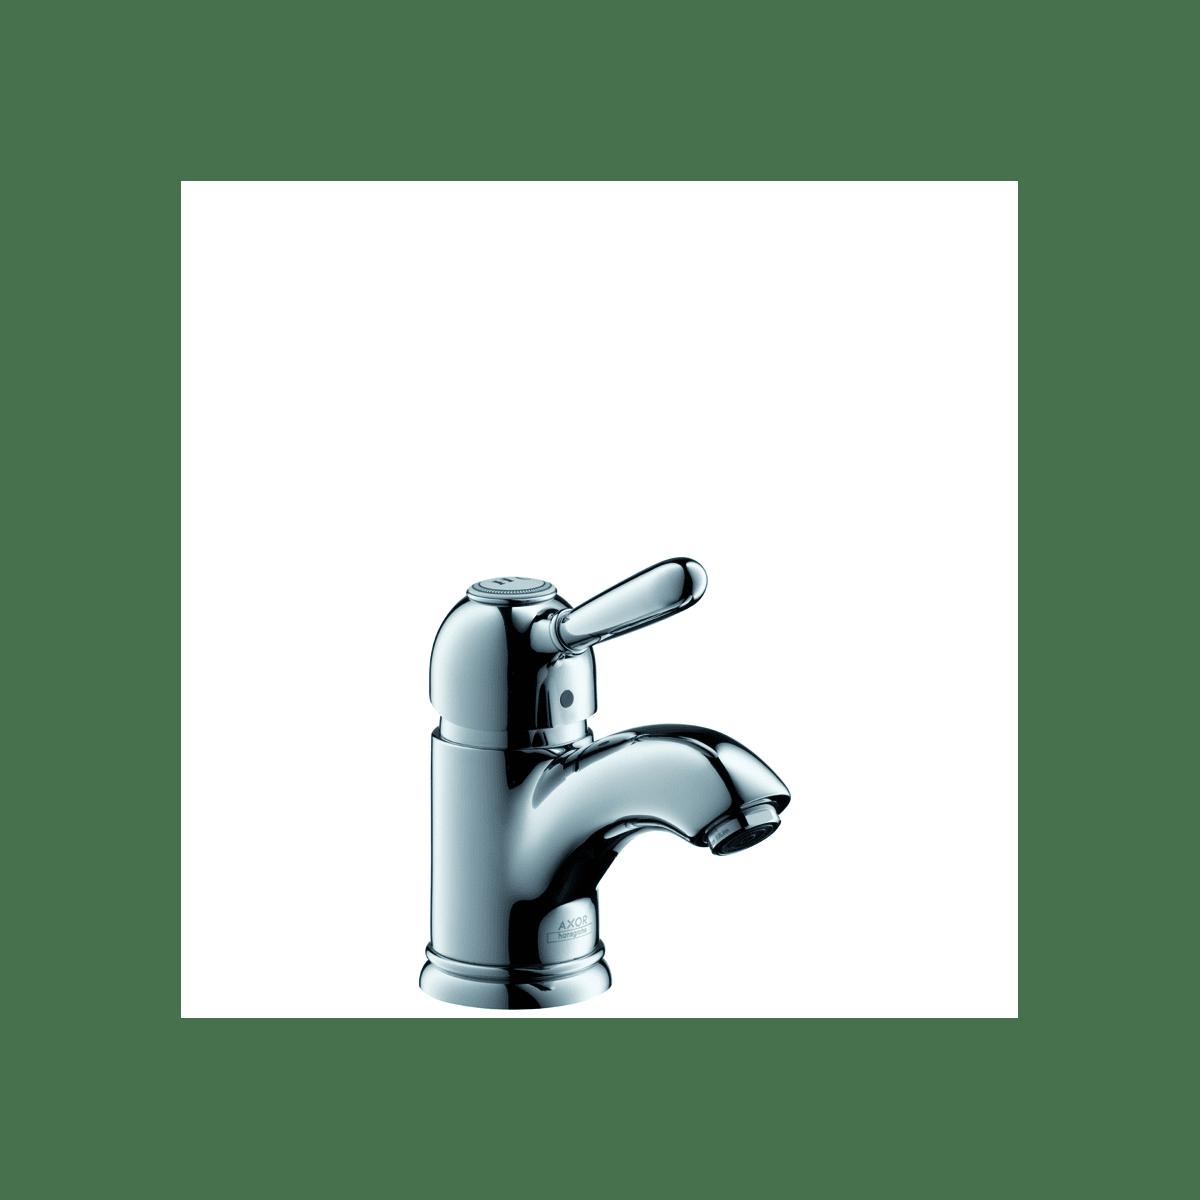 axor carlton bathroom faucet